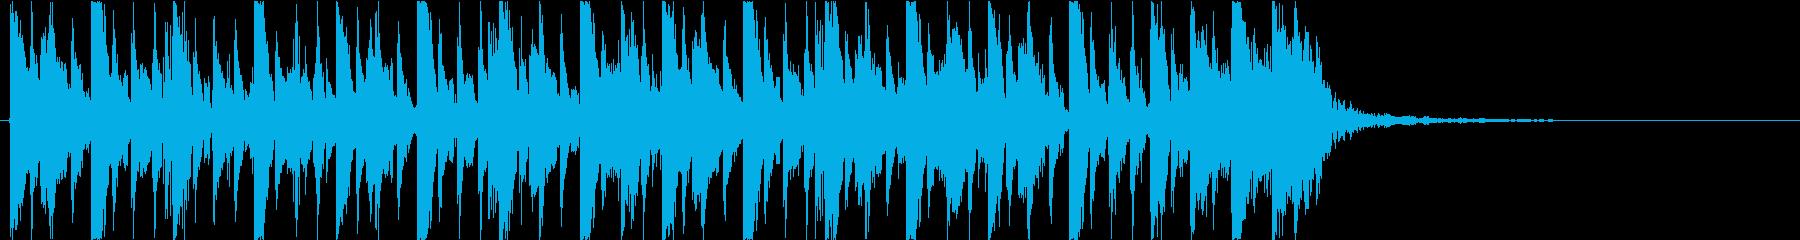 スラップベース 15秒 CM ジングルの再生済みの波形